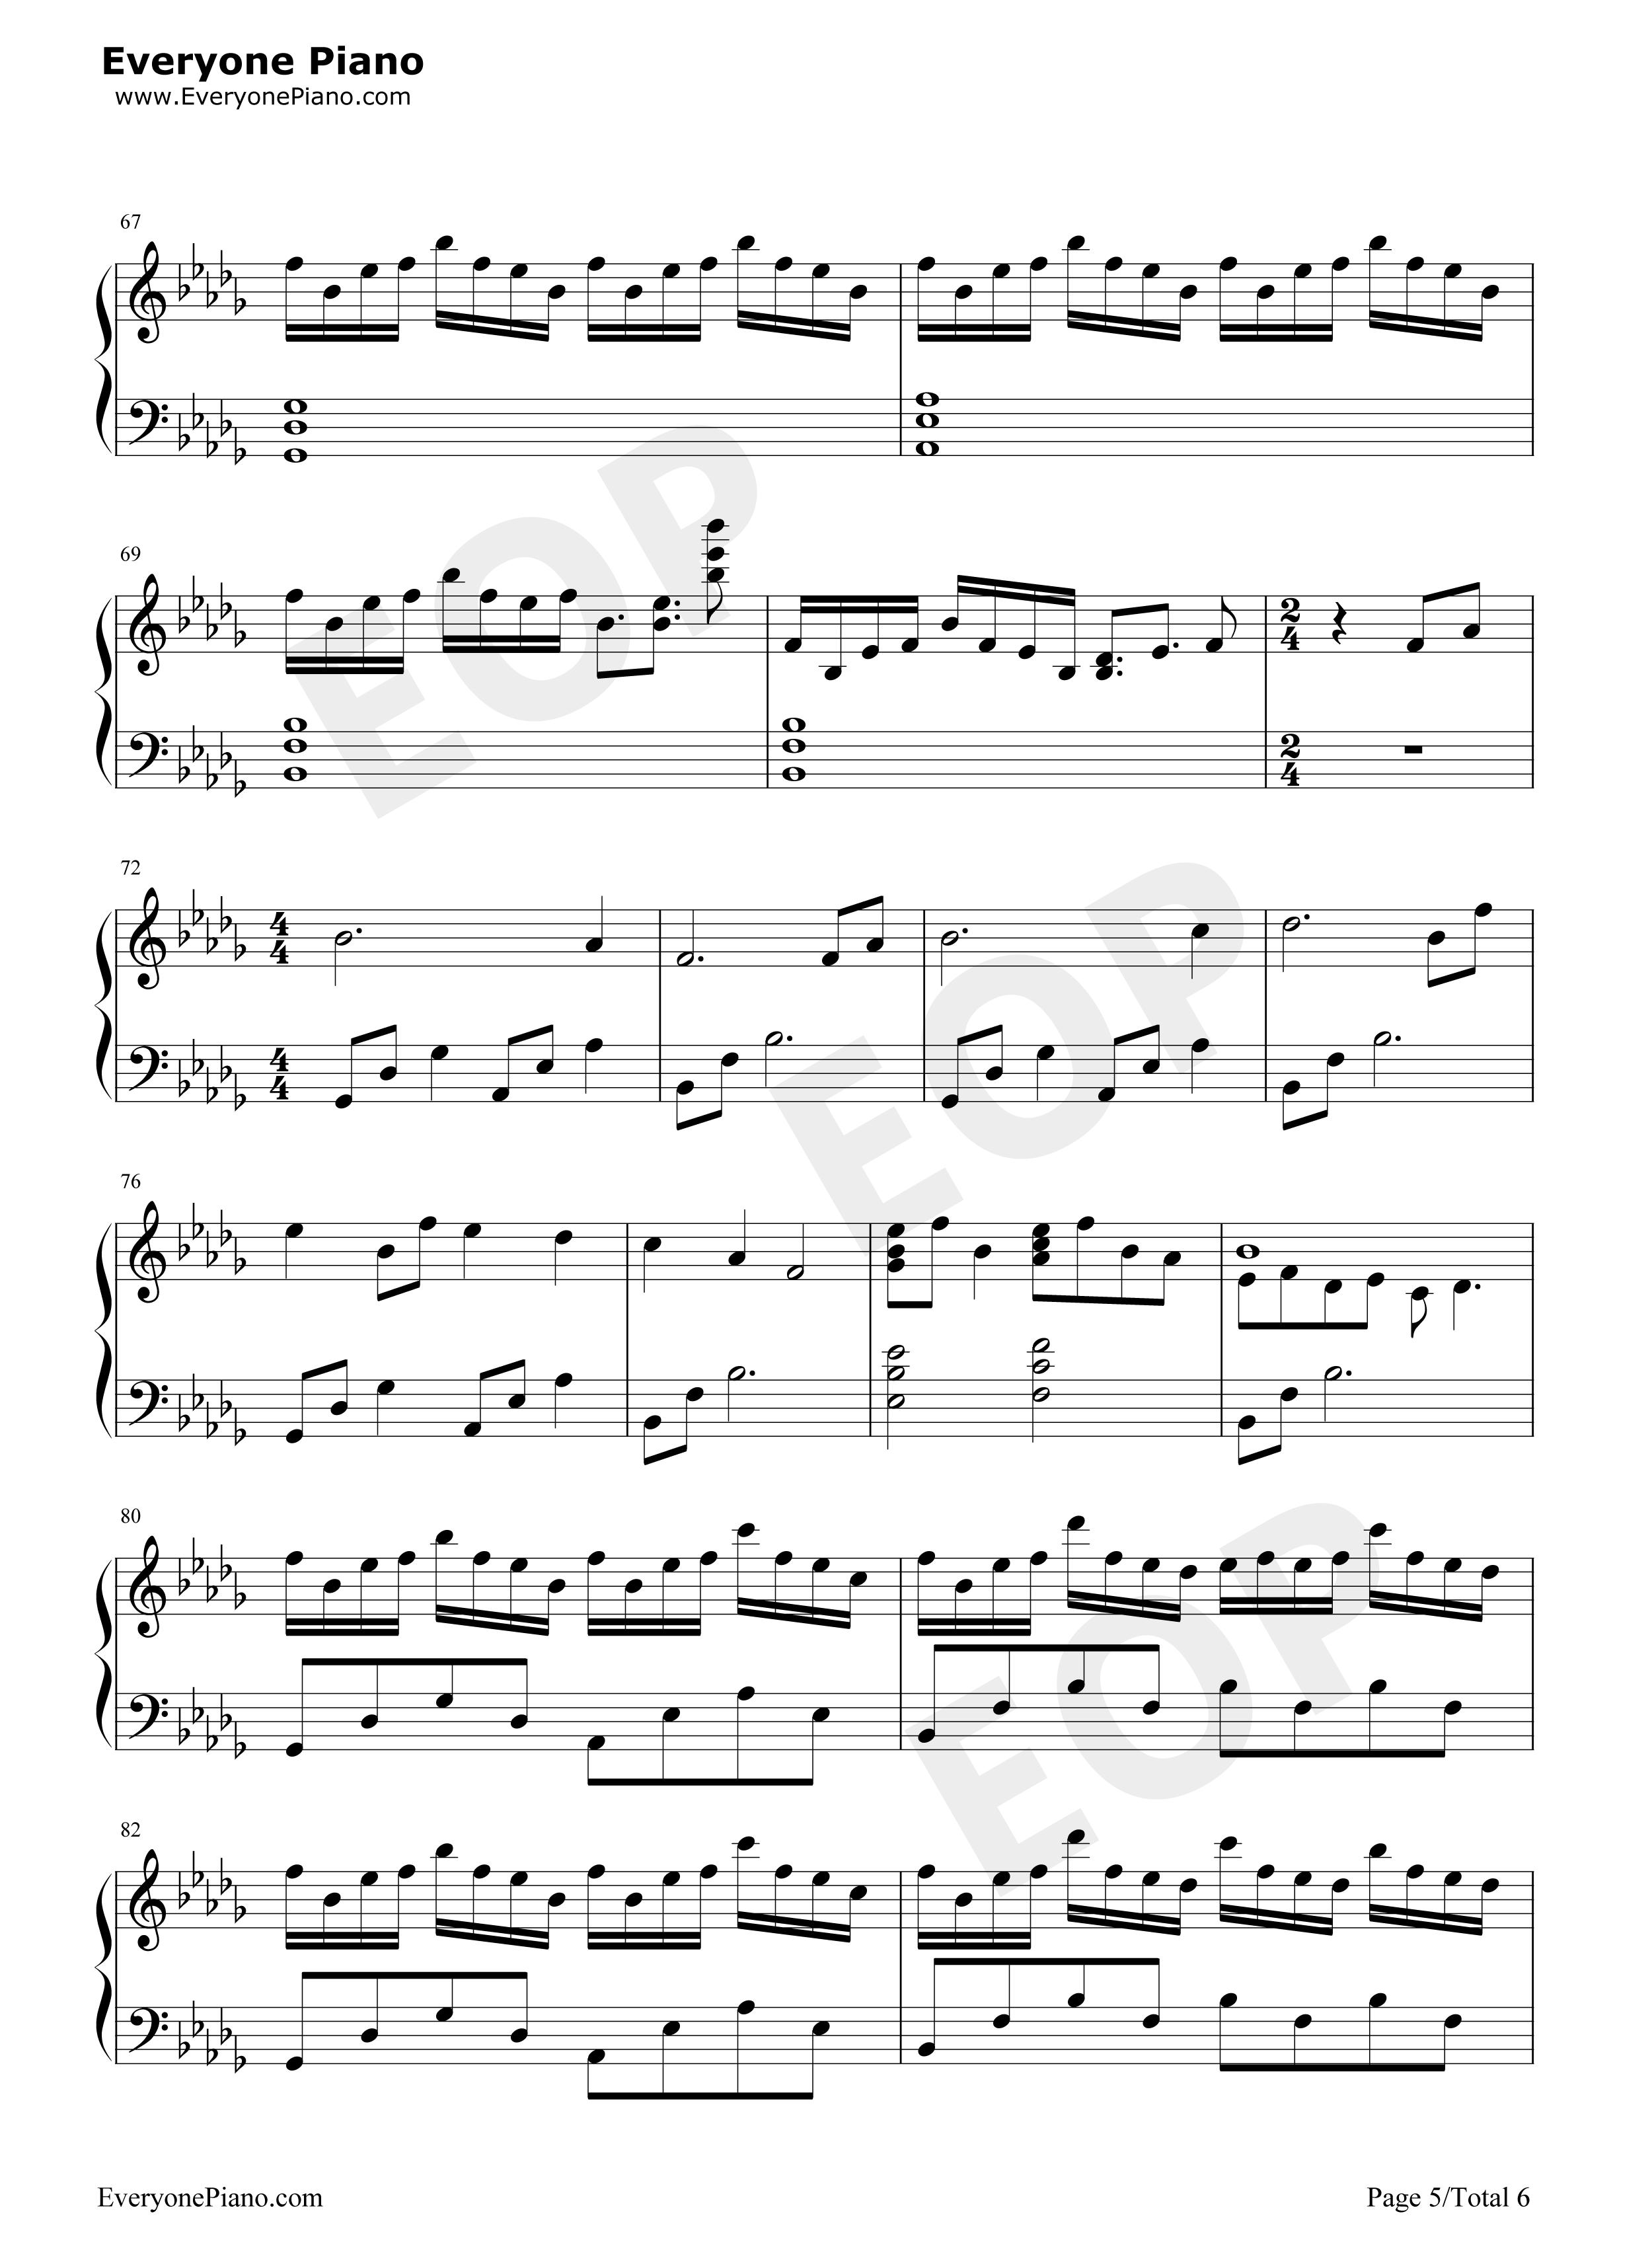 大鱼-周深五线谱预览5-钢琴谱档(五线谱,双手简谱,数图片